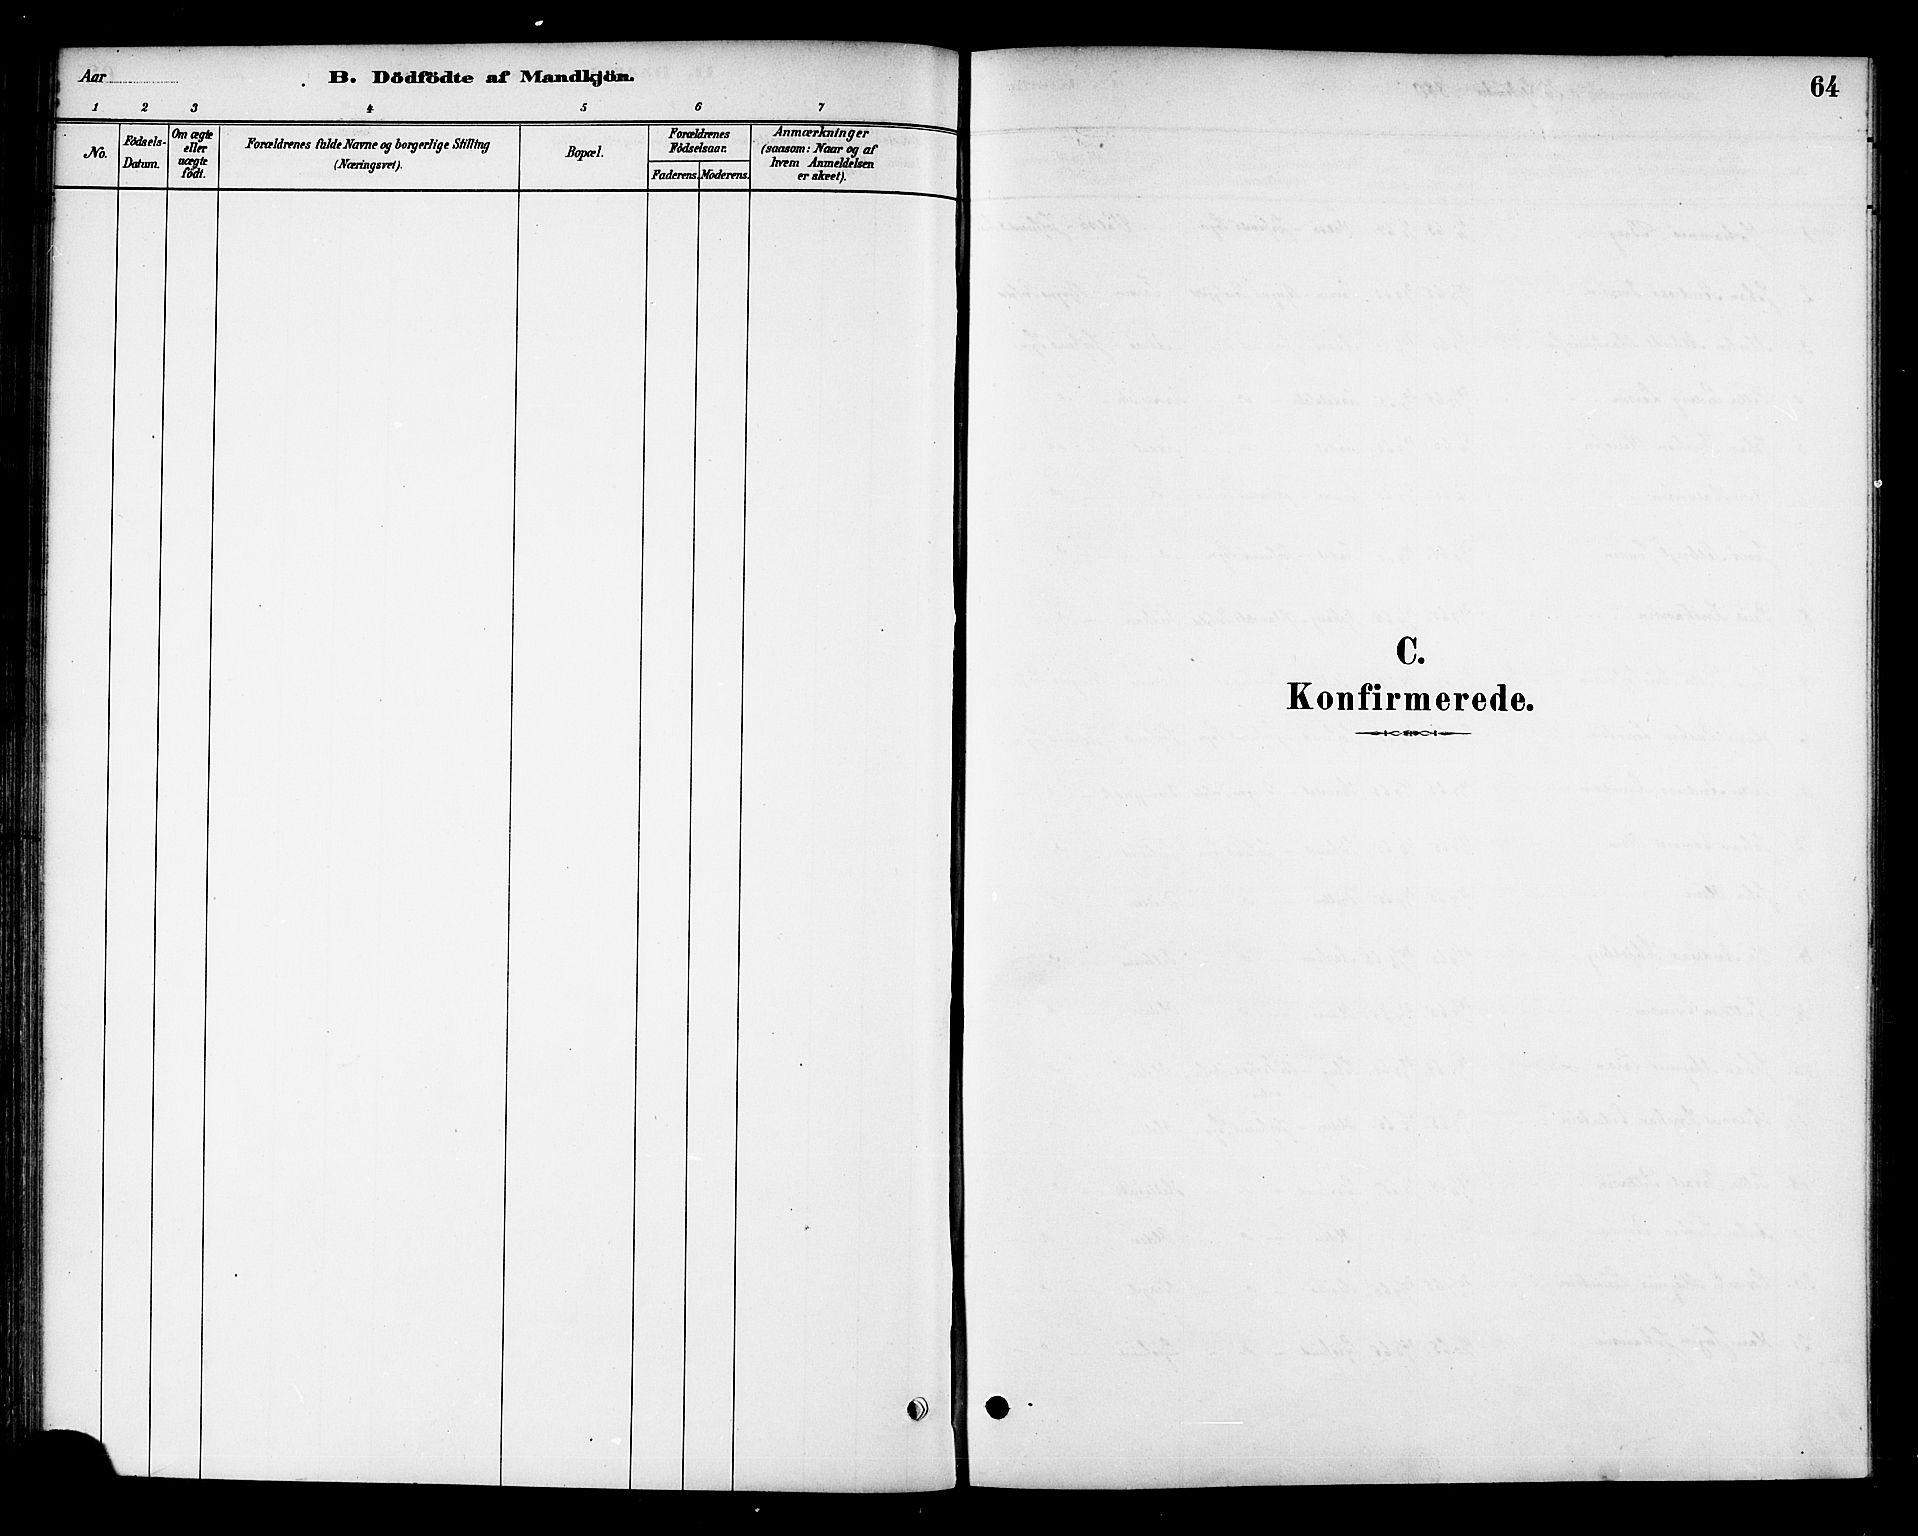 SAT, Ministerialprotokoller, klokkerbøker og fødselsregistre - Sør-Trøndelag, 654/L0663: Ministerialbok nr. 654A01, 1880-1894, s. 64